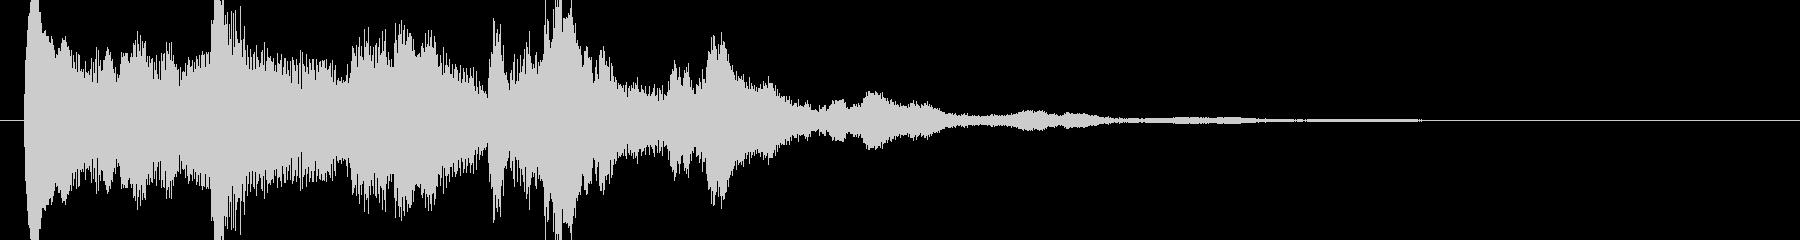 清らかな音色のサウンドロゴの未再生の波形